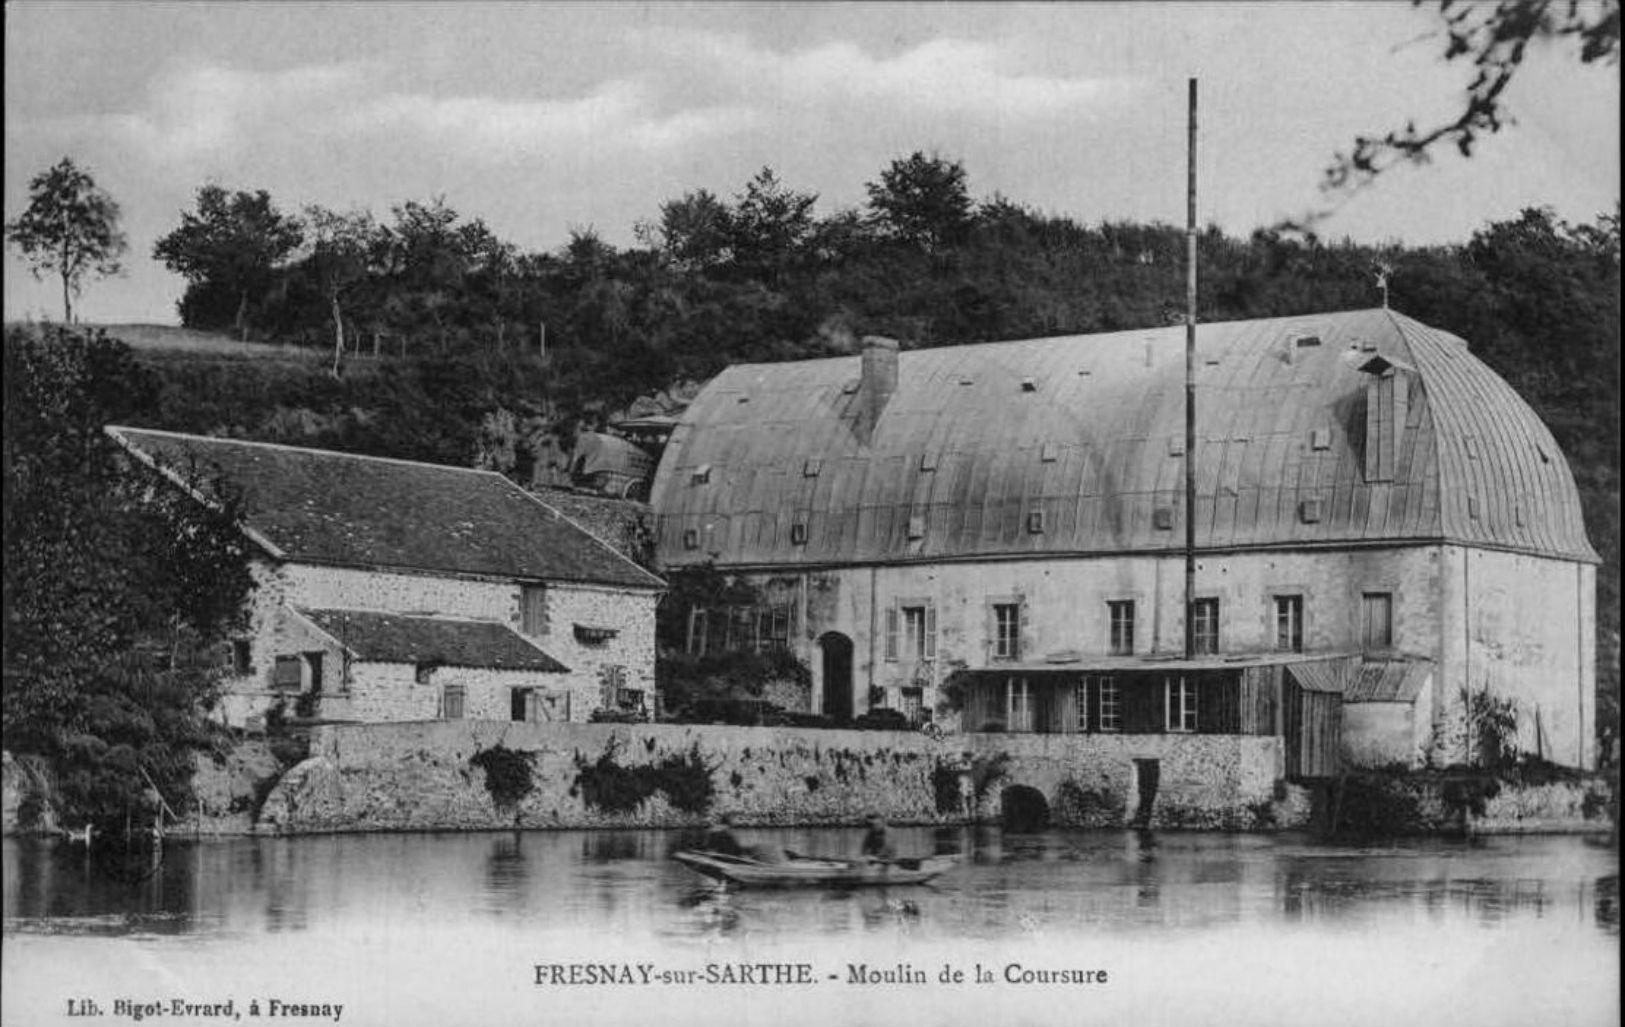 Fresnay sur Sarthe - Moulin de la Coursure